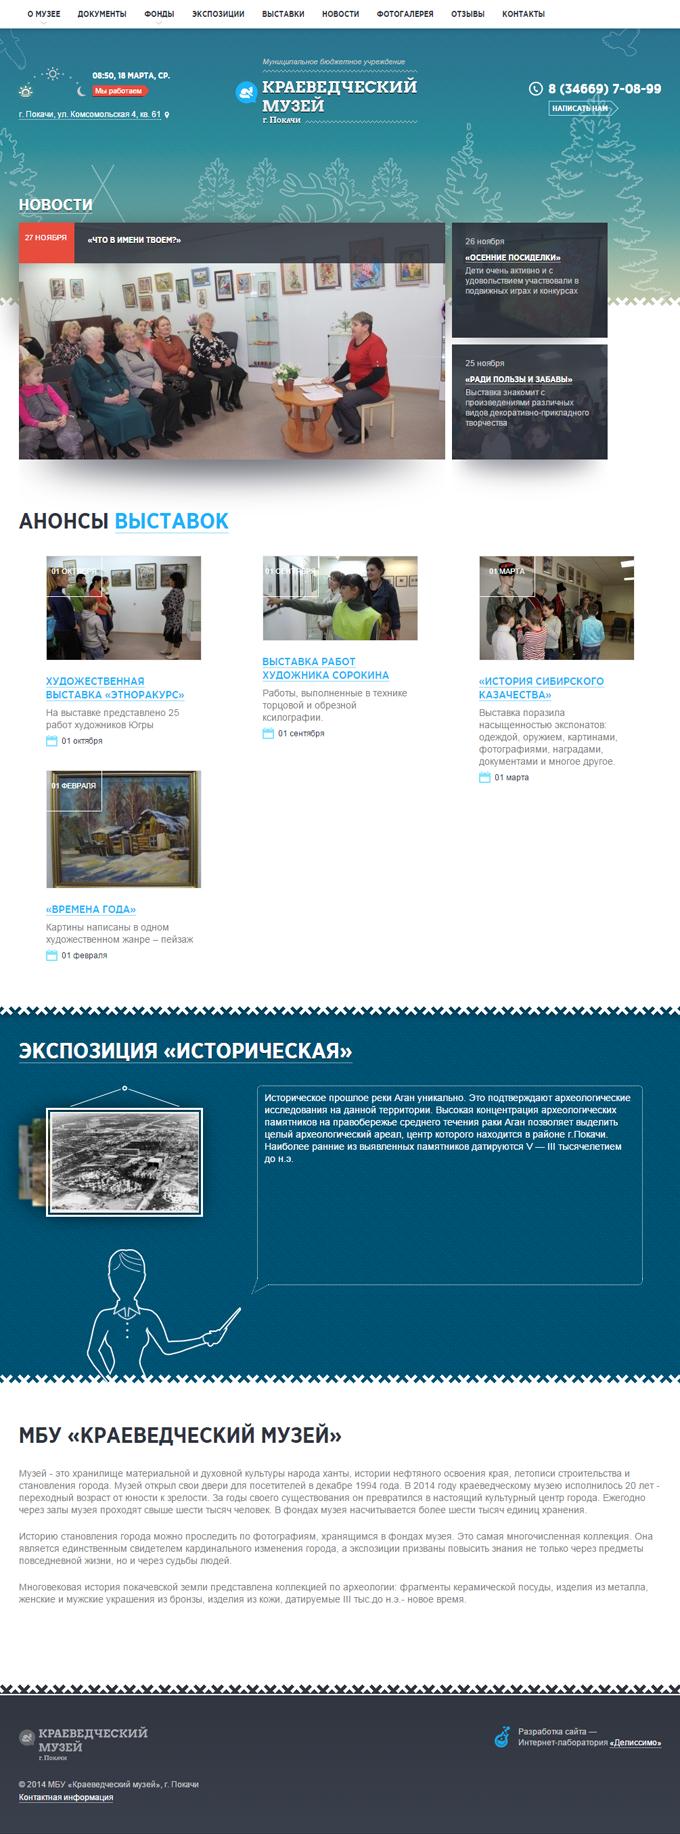 Главная страница museumpokachi.ru